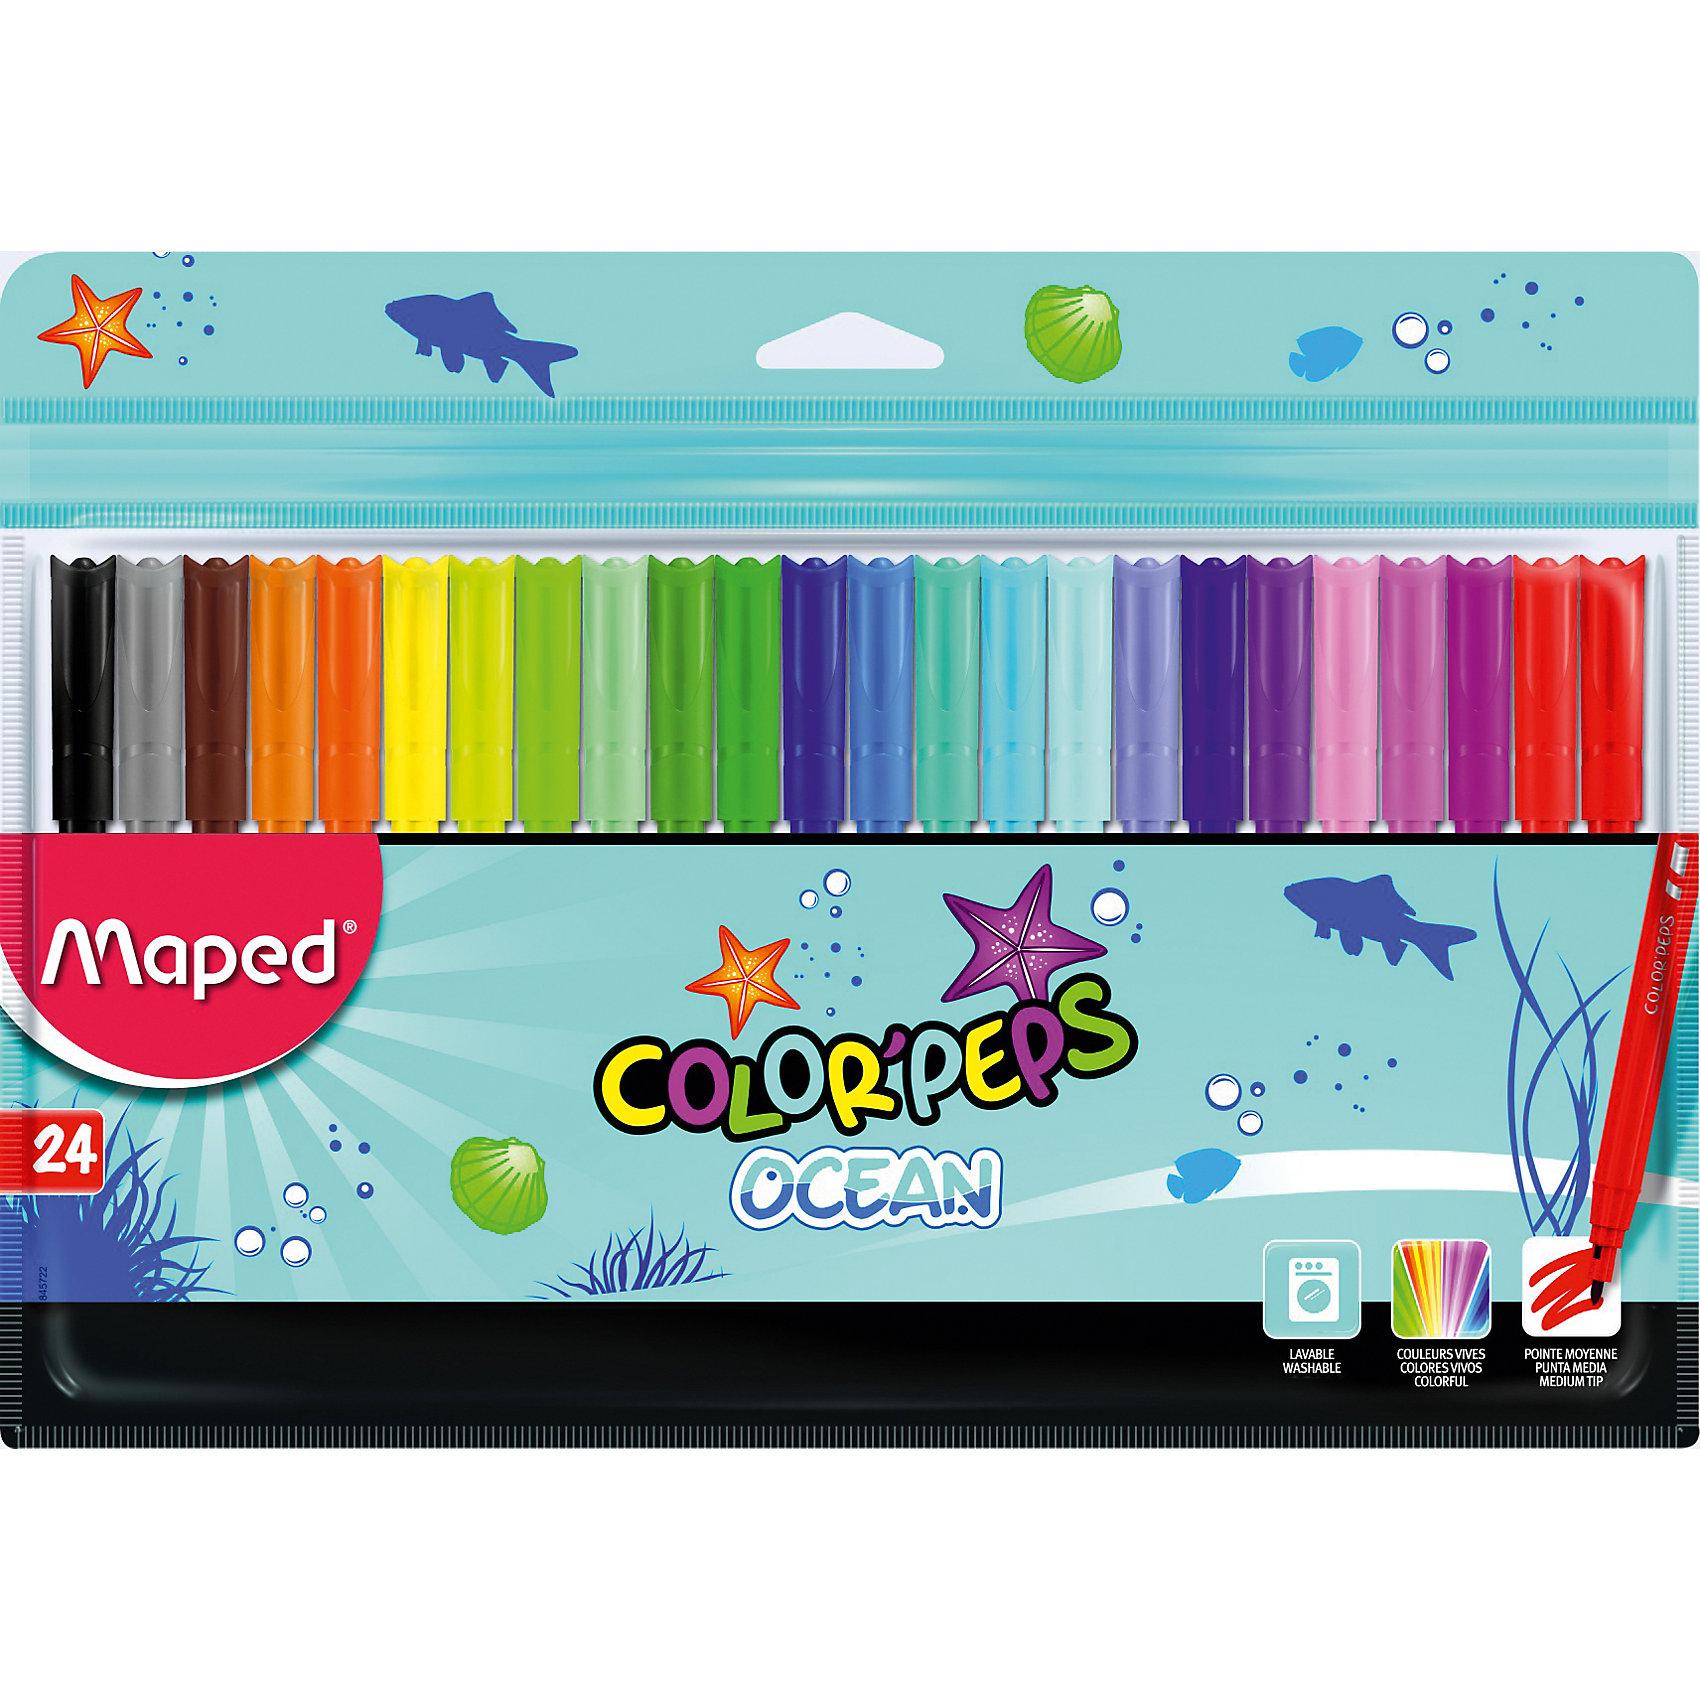 Фломастеры Maped, 24 цветаФломастеры<br>Фломастеры серии COLORPEPS OCEAN с заблокированным пишущим узлом - суперсмываемые в пакете с подвесом. В наборе 24 штуки. Яркие и насыщенные цвета. Бюджетное предложение. Смываются практически со всех видов ткани. Соответствуют действующим российским и европейским стандартам качества игрушек. Вентилируемый колпачок. Идеальны для раскрашивания, рисования и скетчей.<br><br>Ширина мм: 9<br>Глубина мм: 269<br>Высота мм: 177<br>Вес г: 147<br>Возраст от месяцев: 36<br>Возраст до месяцев: 2147483647<br>Пол: Унисекс<br>Возраст: Детский<br>SKU: 7065335